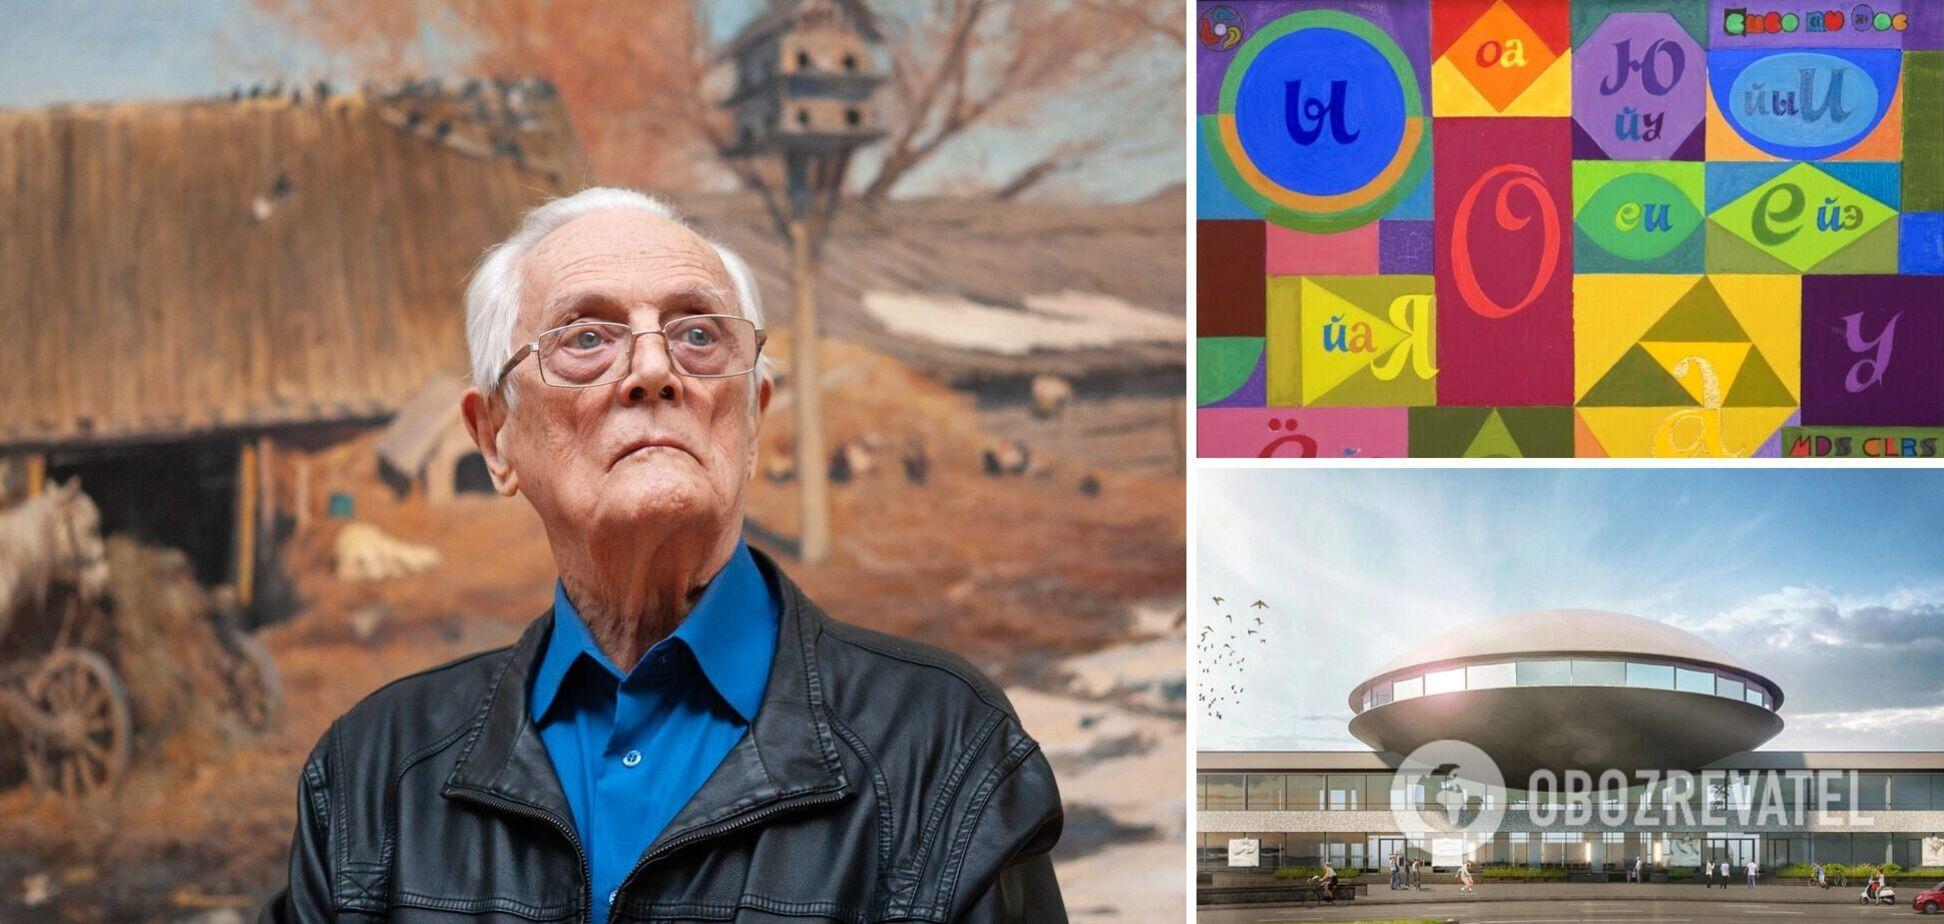 Умер известный украинский художник и архитектор – автор знаменитой 'тарелки' на Лыбидской